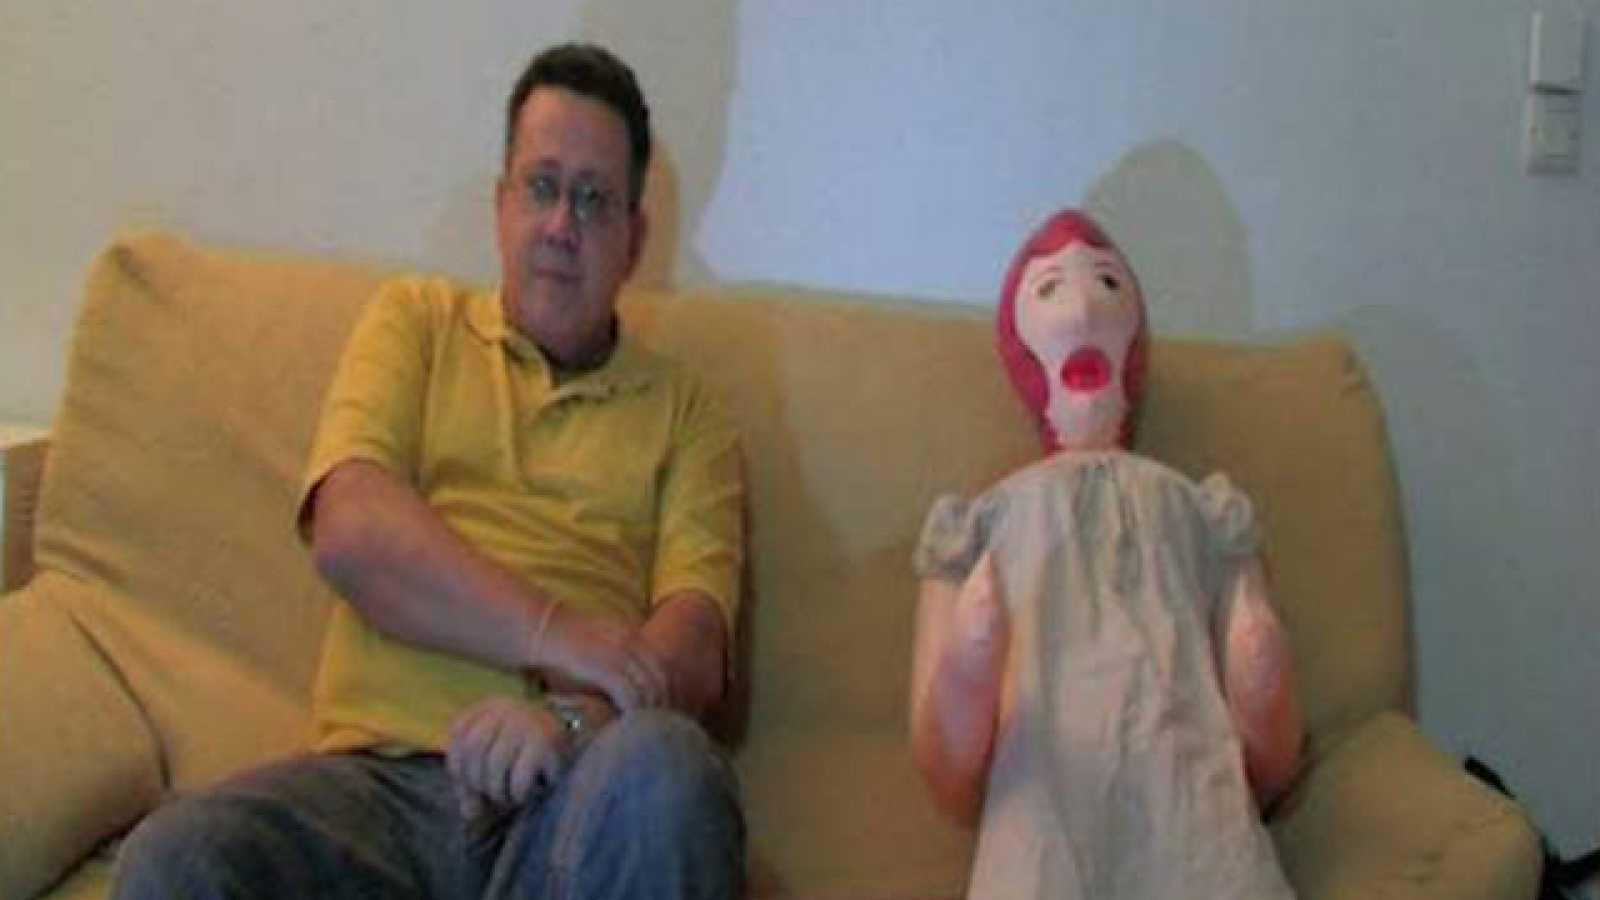 Dirigido por Alberto Gallego Ortiz. Sinopsis: 'Muñeca' es un corto que denuncia el maltrato psicológico.